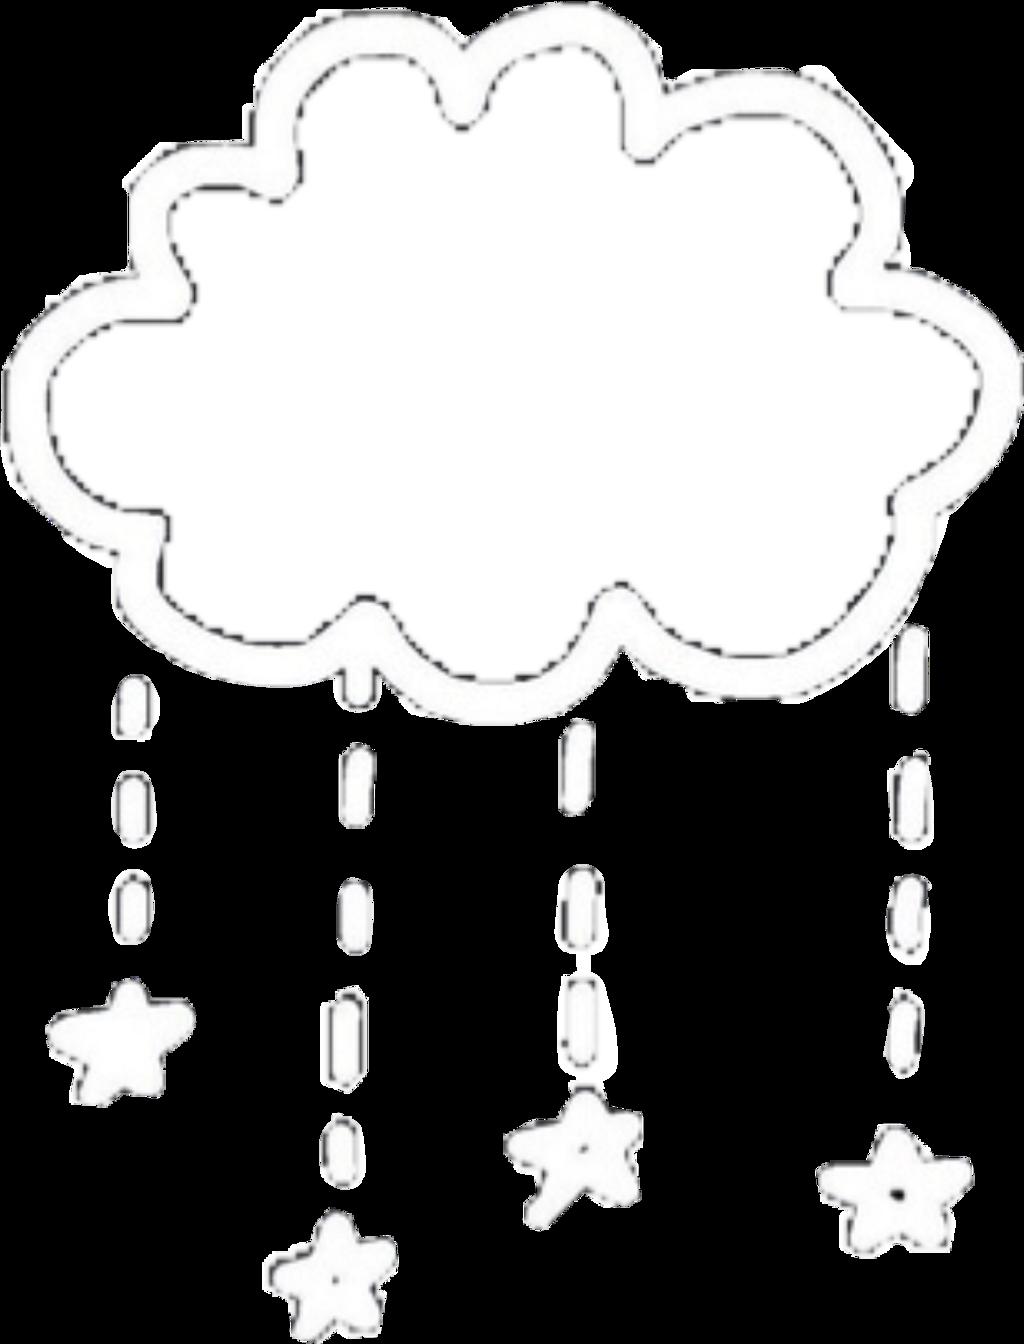 #cloud #freetoedit